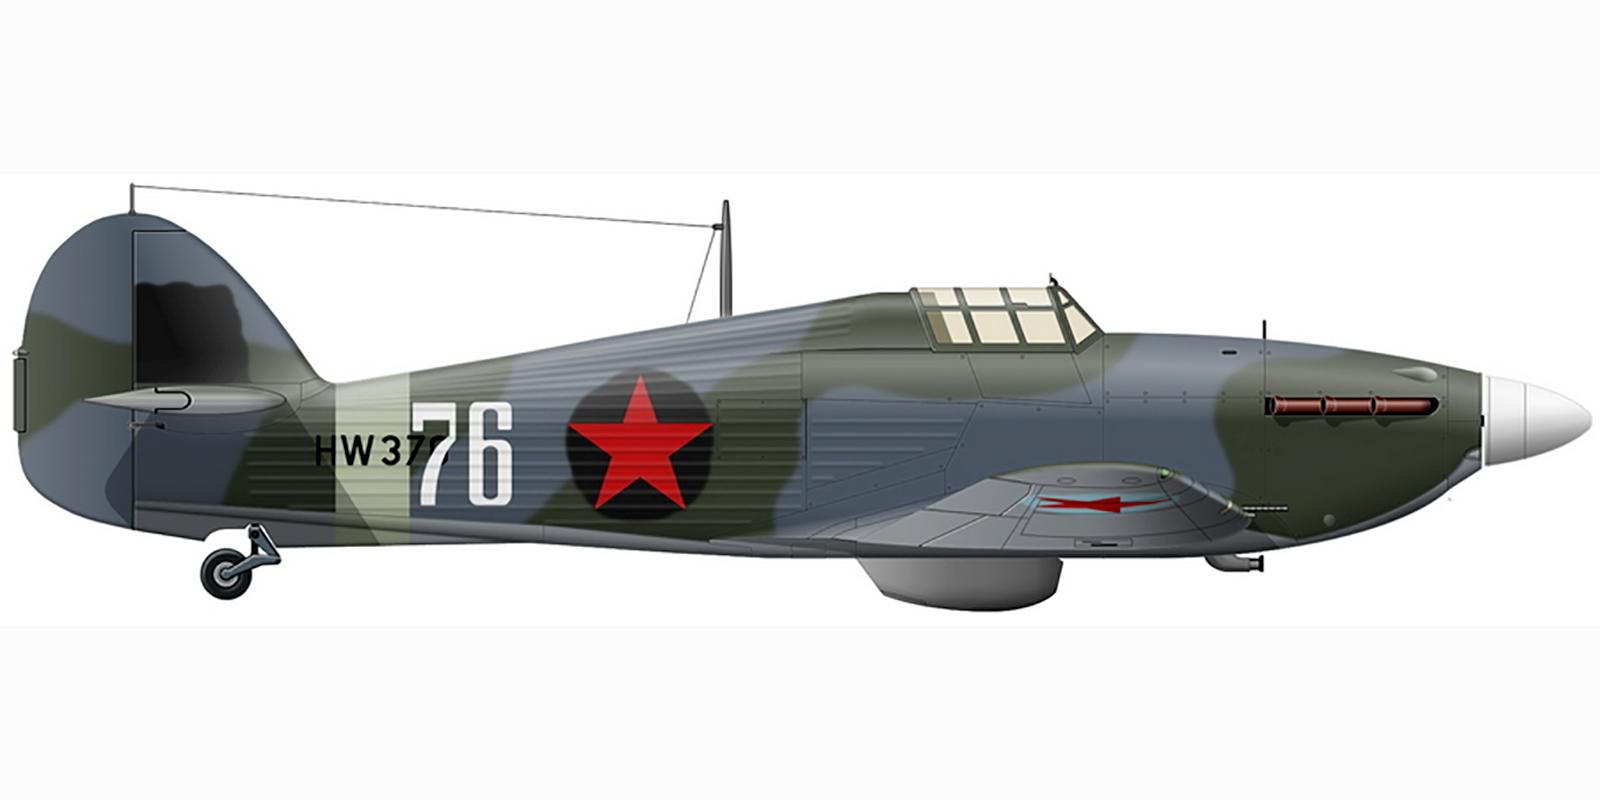 Hurricane IIb USSR 78IAP Northern Fleet White 76 NT Starosvetsky exRAF HW370 Vaenga Mar 1943 0A